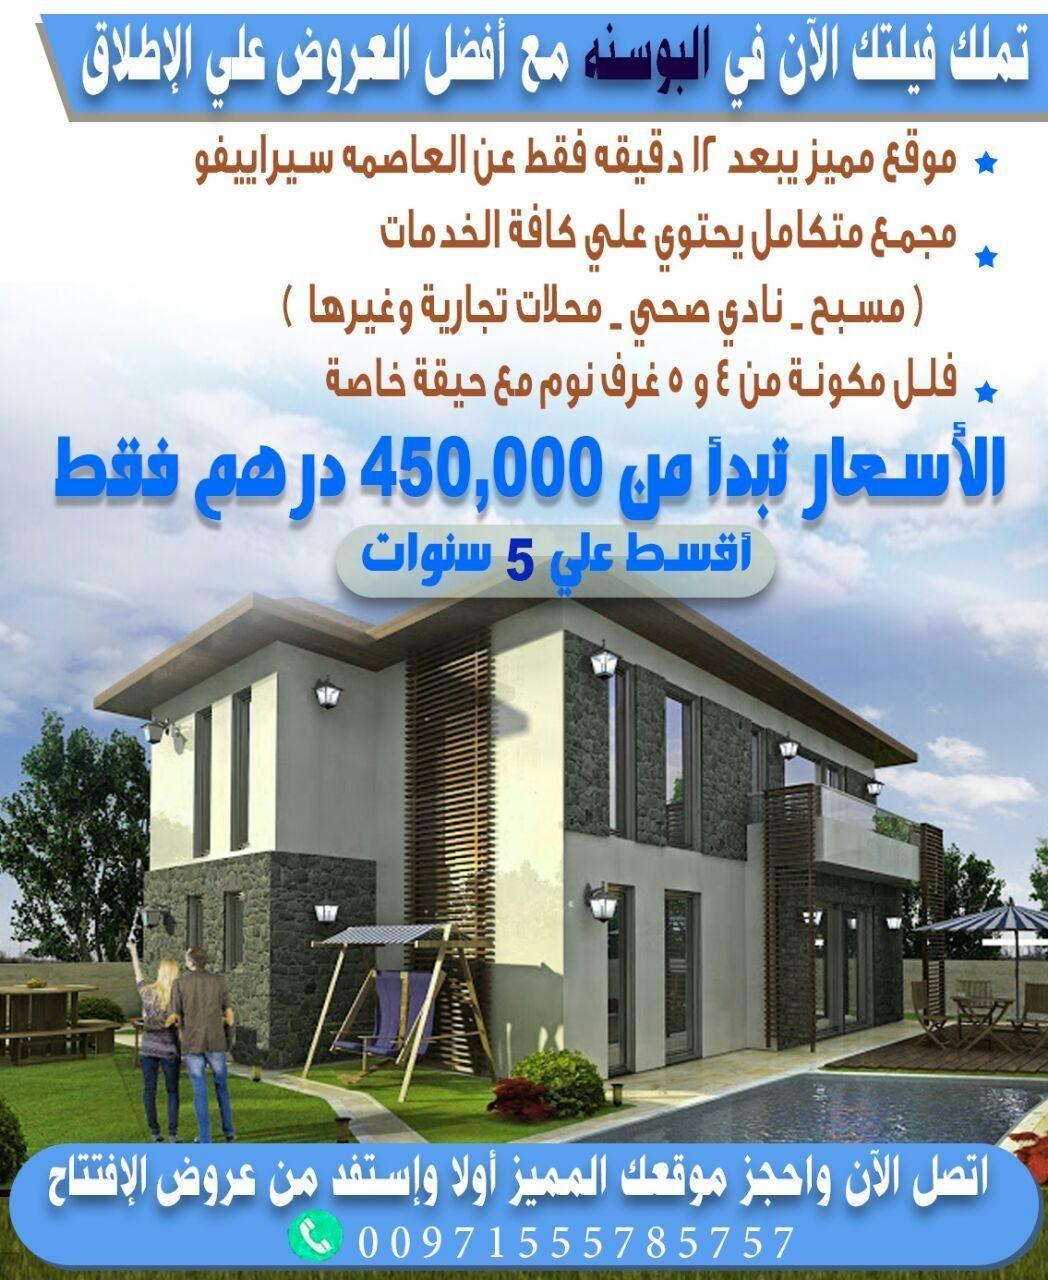 عقارا فاخرا بمدينة الوادي